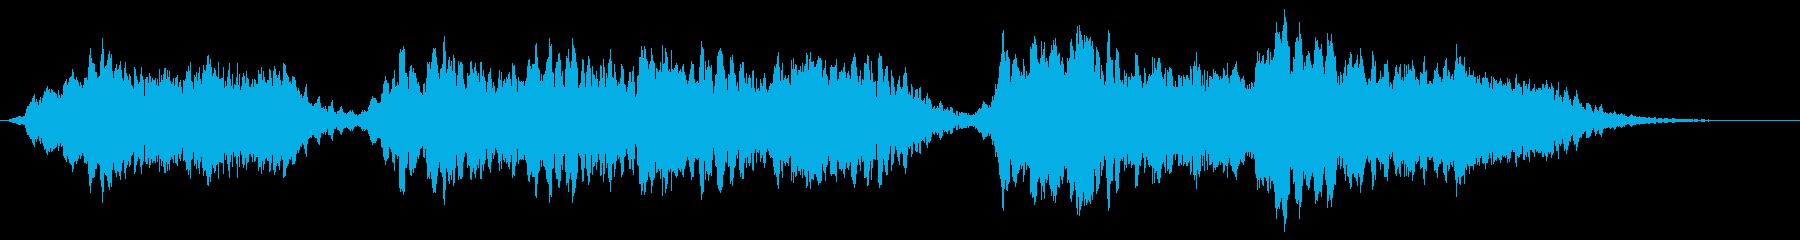 背景音 サスペンス 2の再生済みの波形